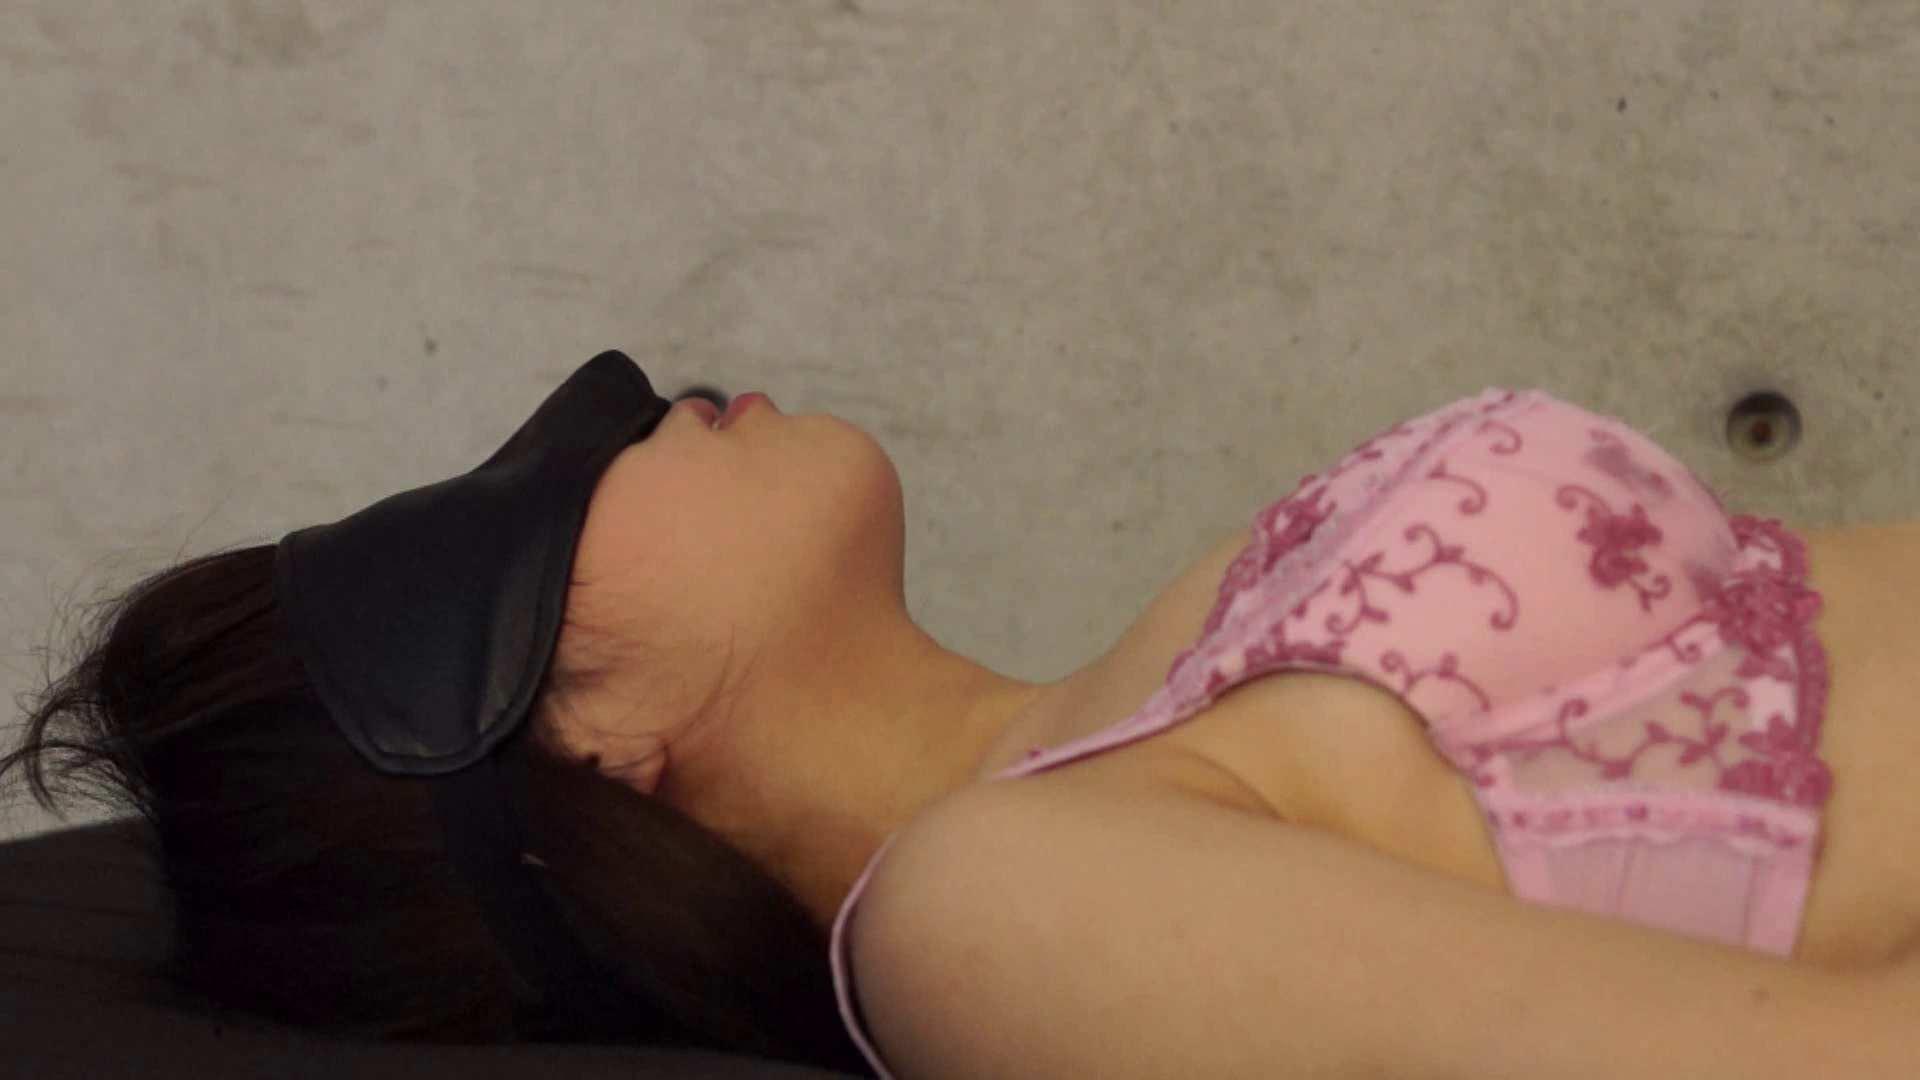 vol.7 夏実ちゃんの汗まみれの腋をベロベロ舐めるTKSさん OLの裸事情  102枚 4